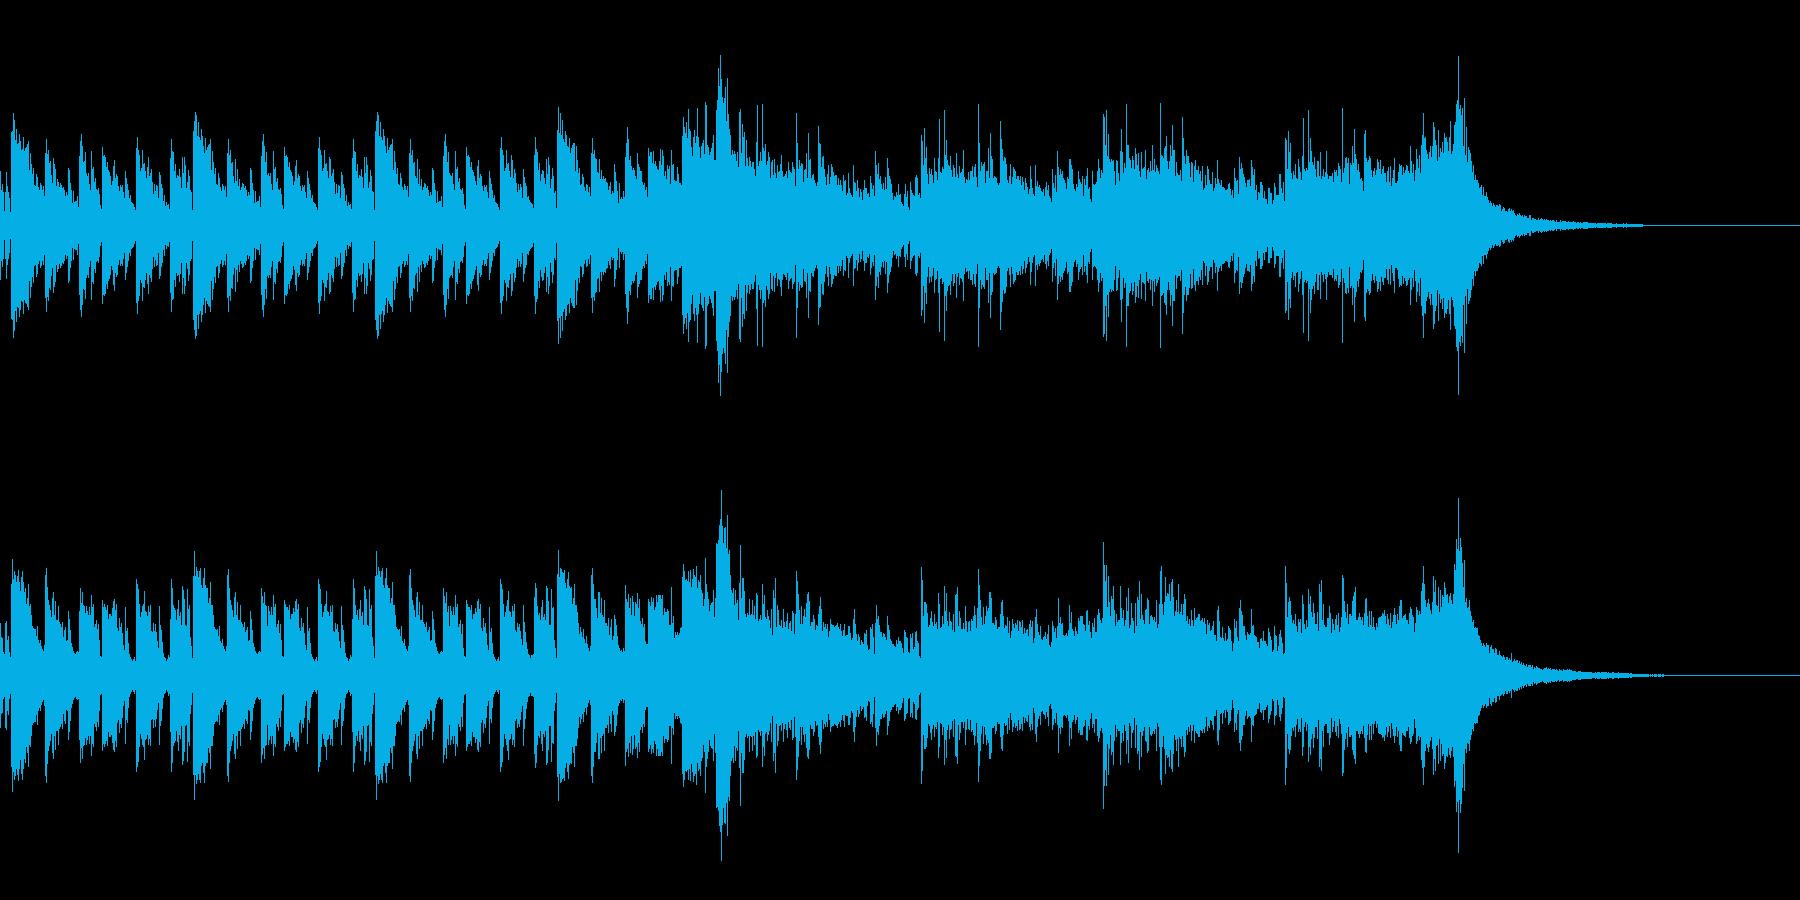 ゲームの戦闘に合いそうな打楽器曲の再生済みの波形